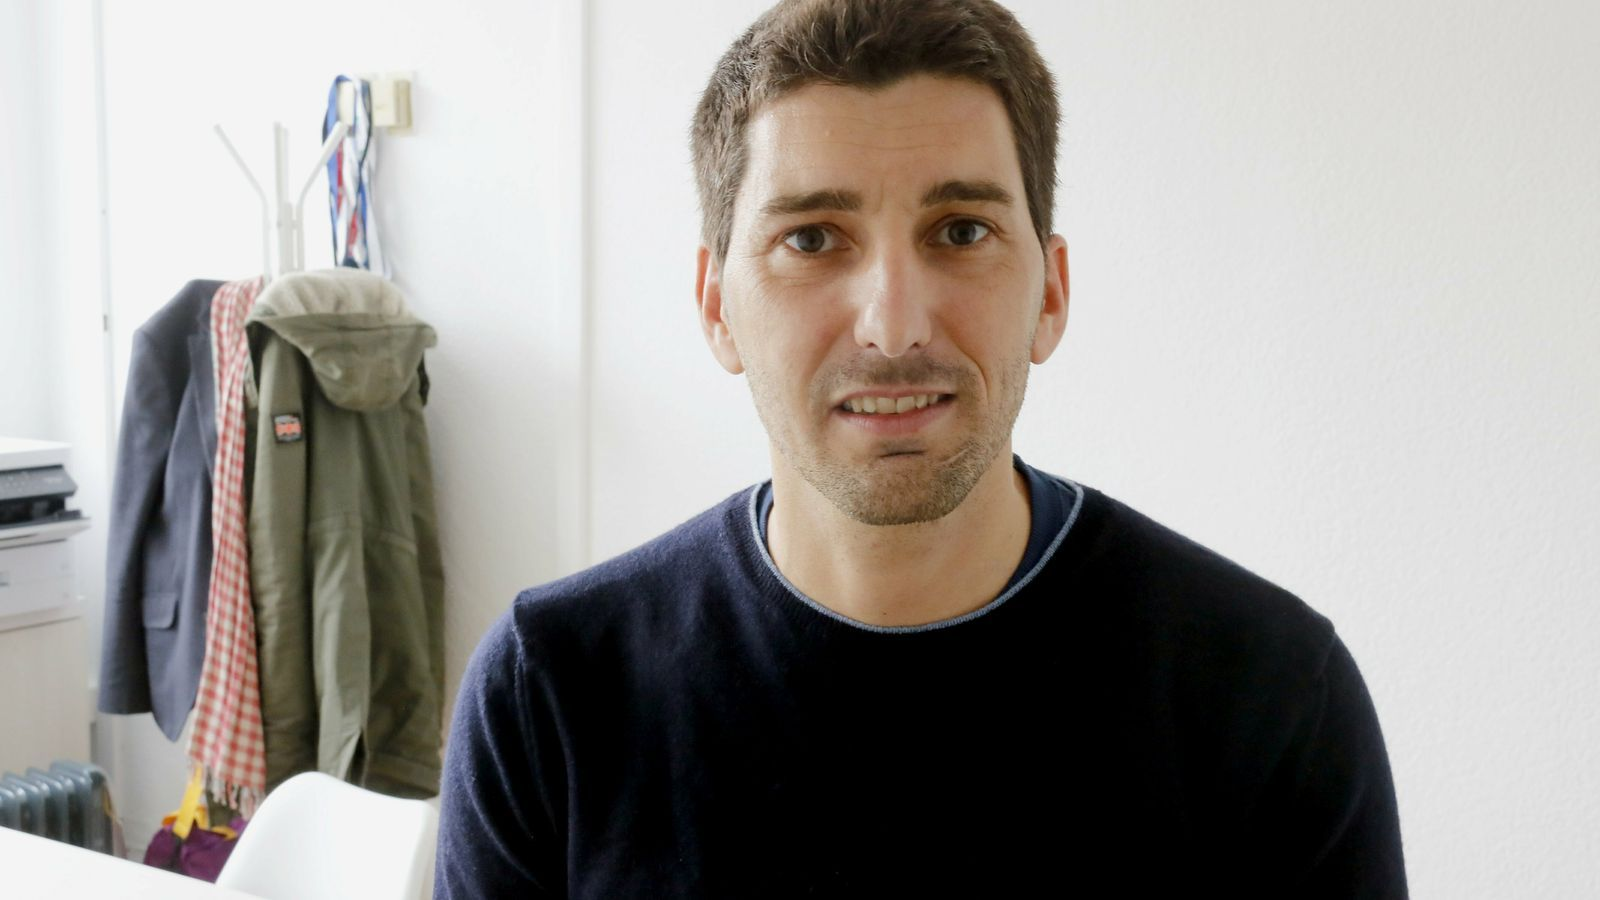 L'infectòleg Oriol Mitjà demana la dimissió del metge que dirigeix la resposta espanyola a la crisi del coronavirus